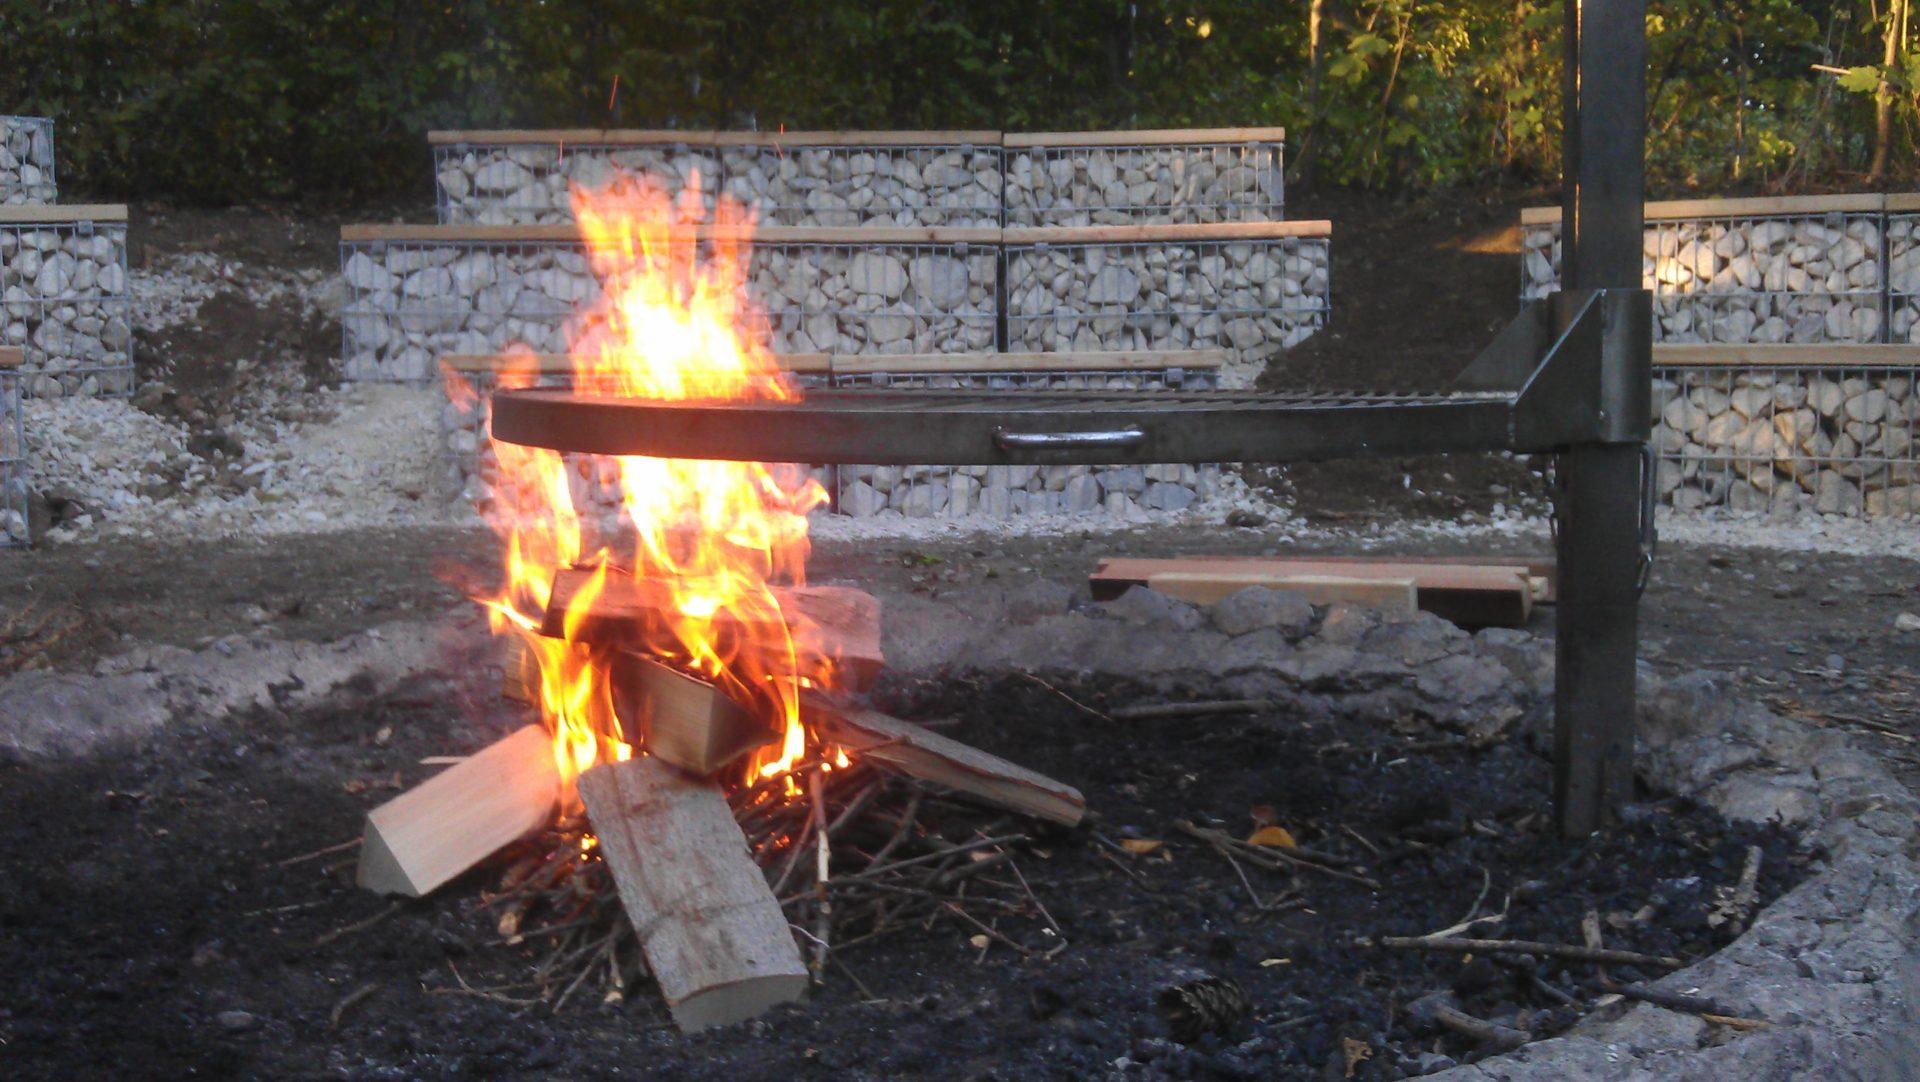 Arena Feuerstelle